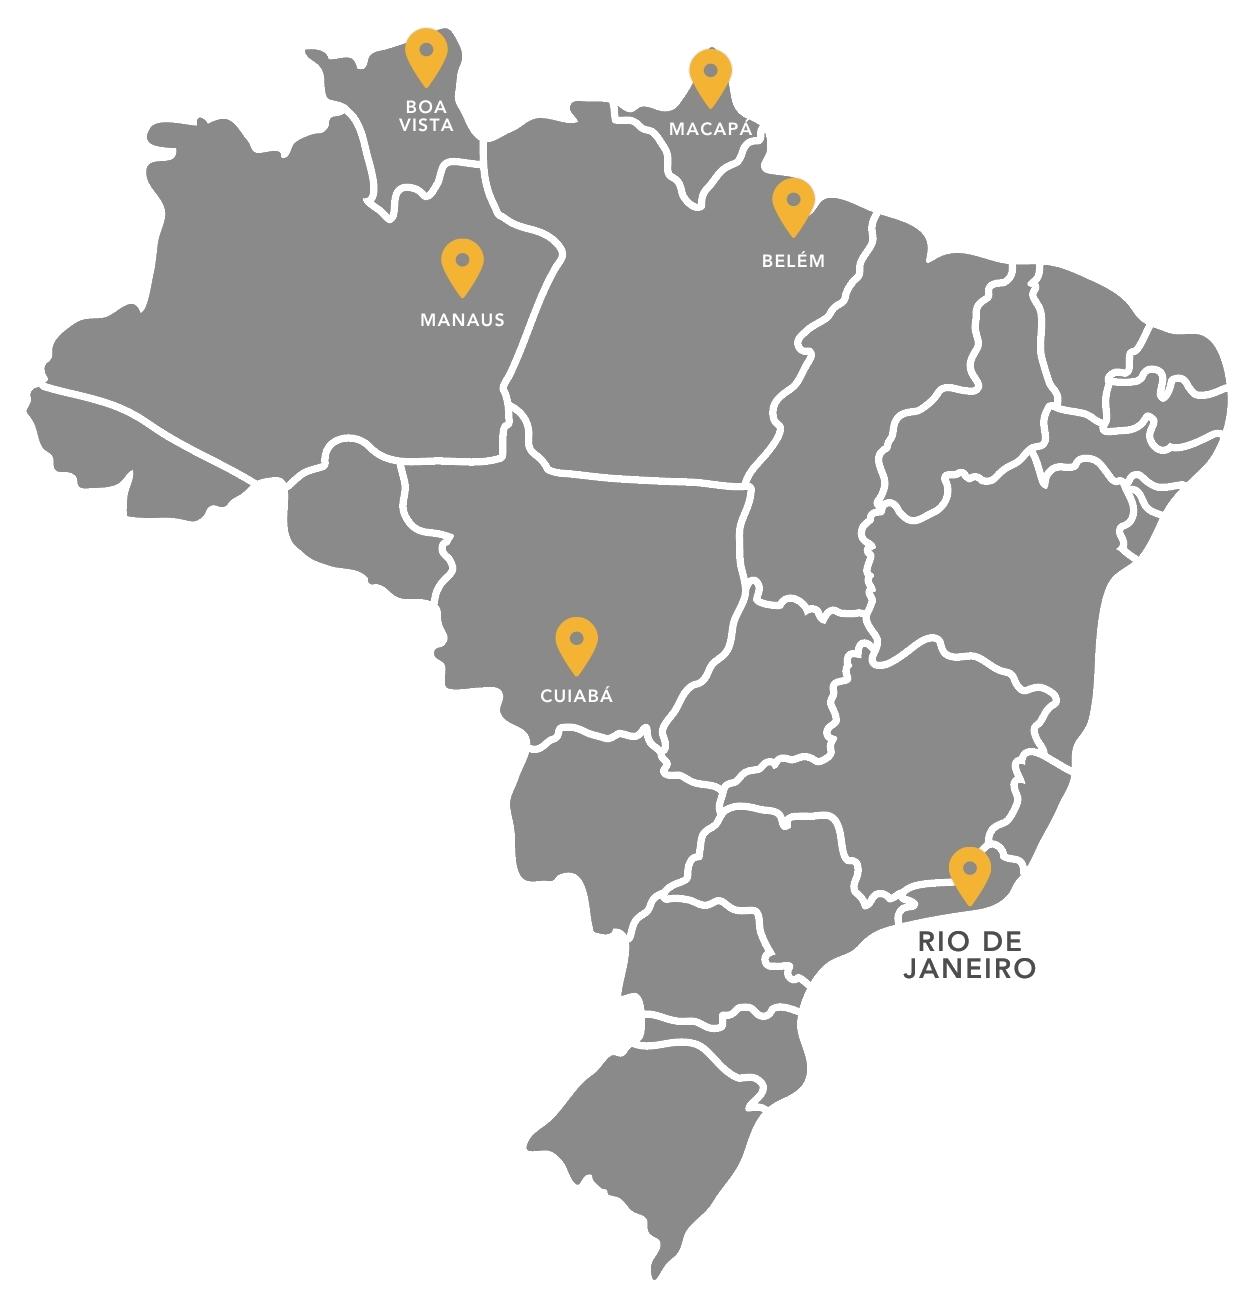 Mapa atuação MLA - Miranda Lima Advogados